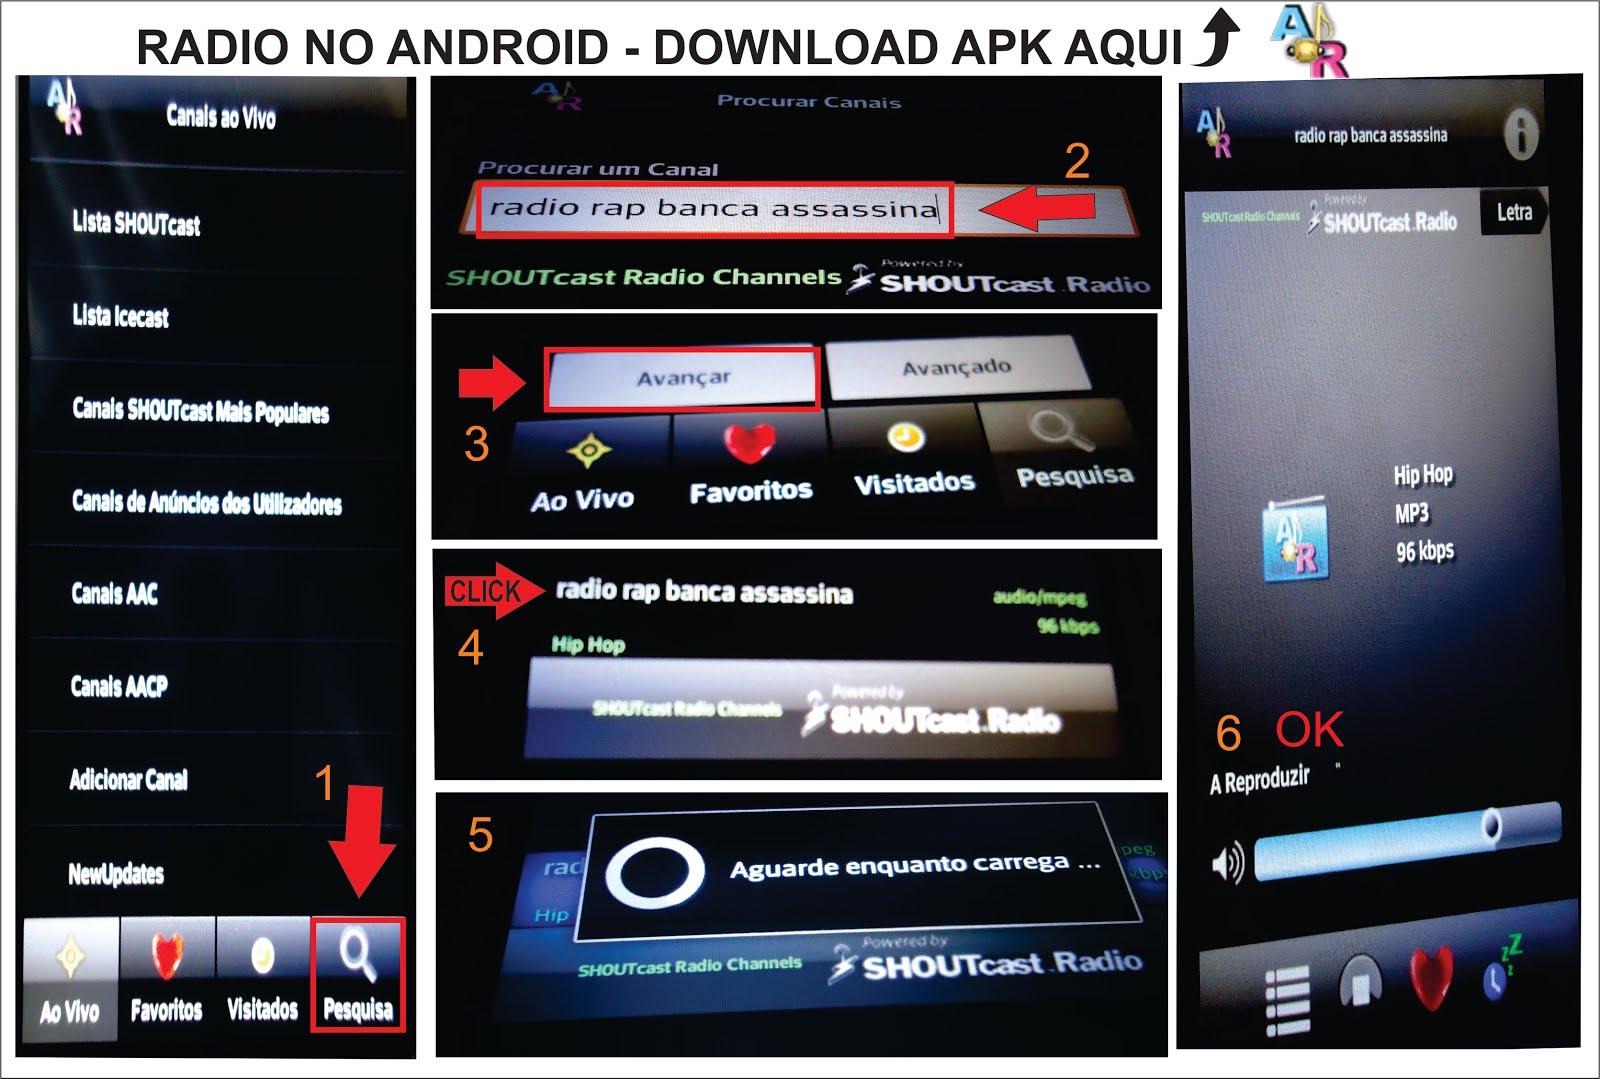 OUÇA A RADIO NO CELULAR COM ANDROID